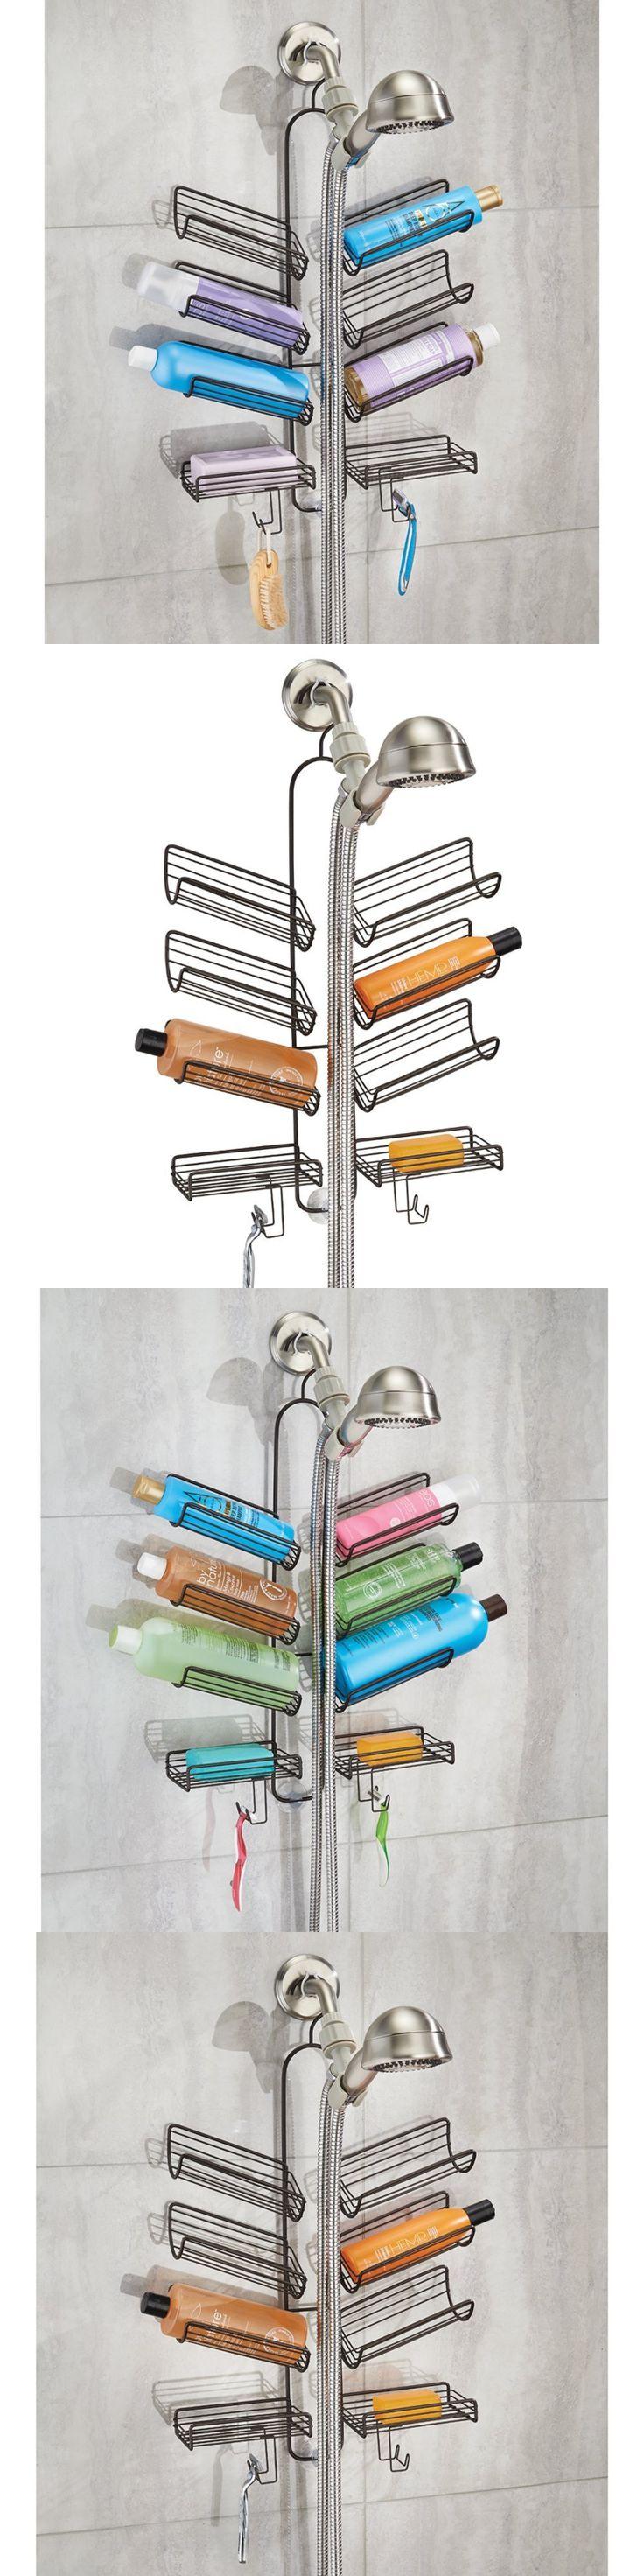 Bath Caddies and Storage 54075: Bathroom Shower Caddy Organizer Storage For Shampoo Conditioner Soap Body Wash -> BUY IT NOW ONLY: $31.22 on eBay!